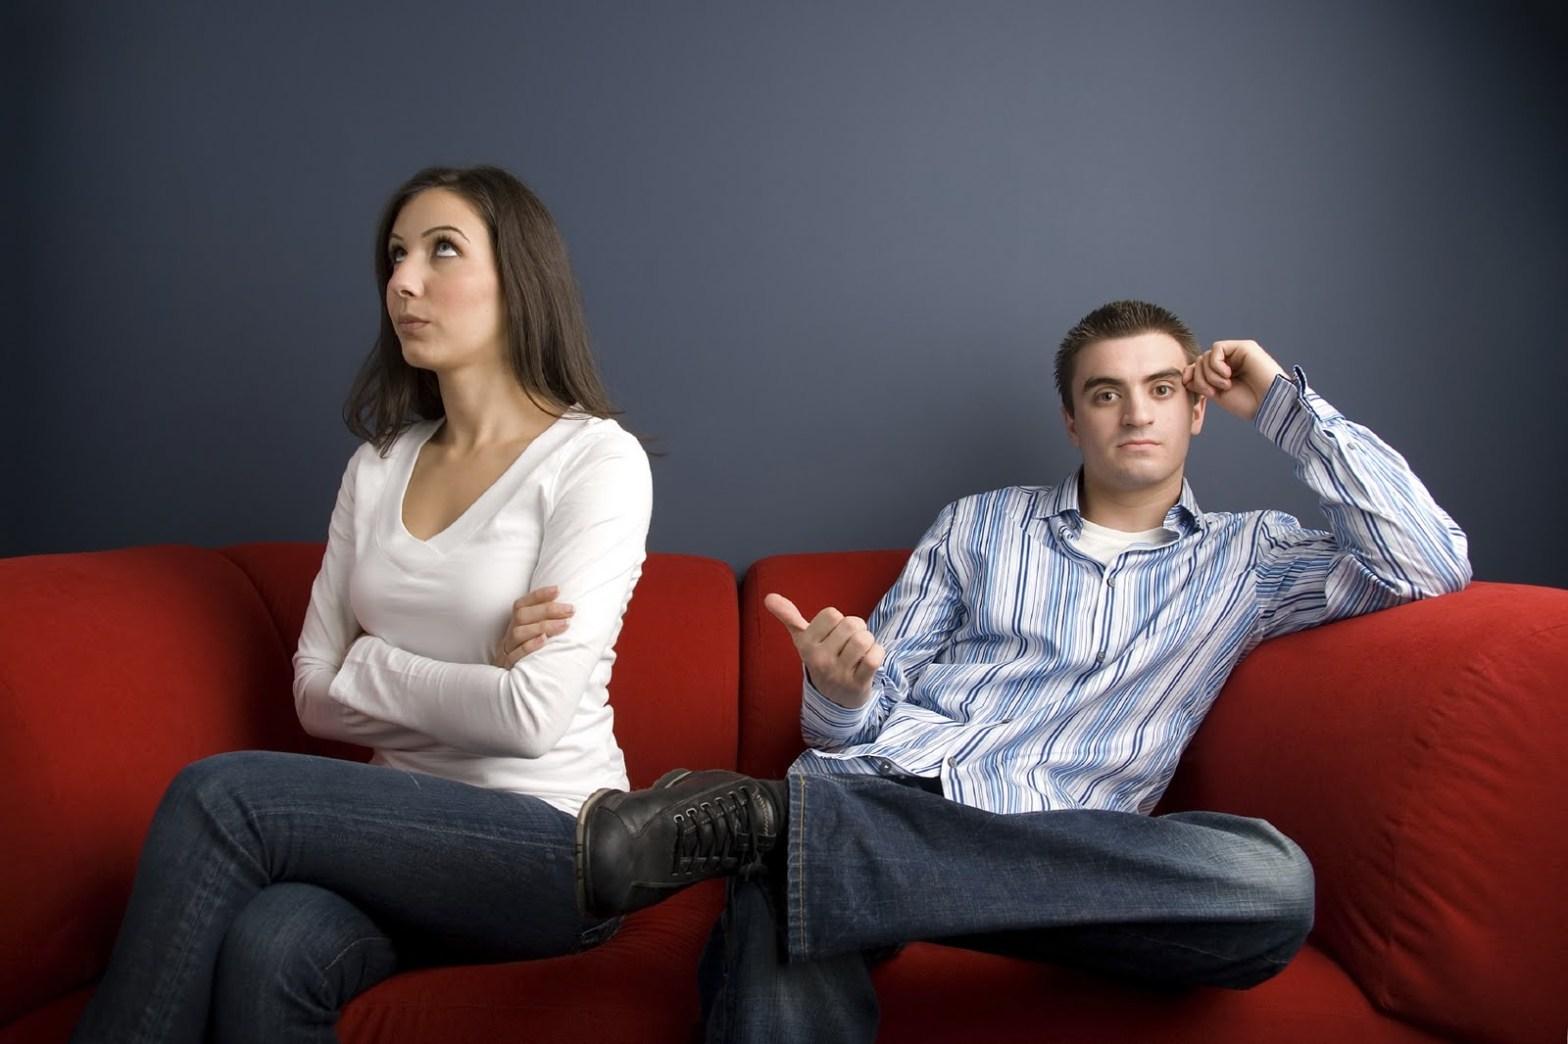 lo-que-los-hombres-deberian-saber-de-la-menstruacion-alt